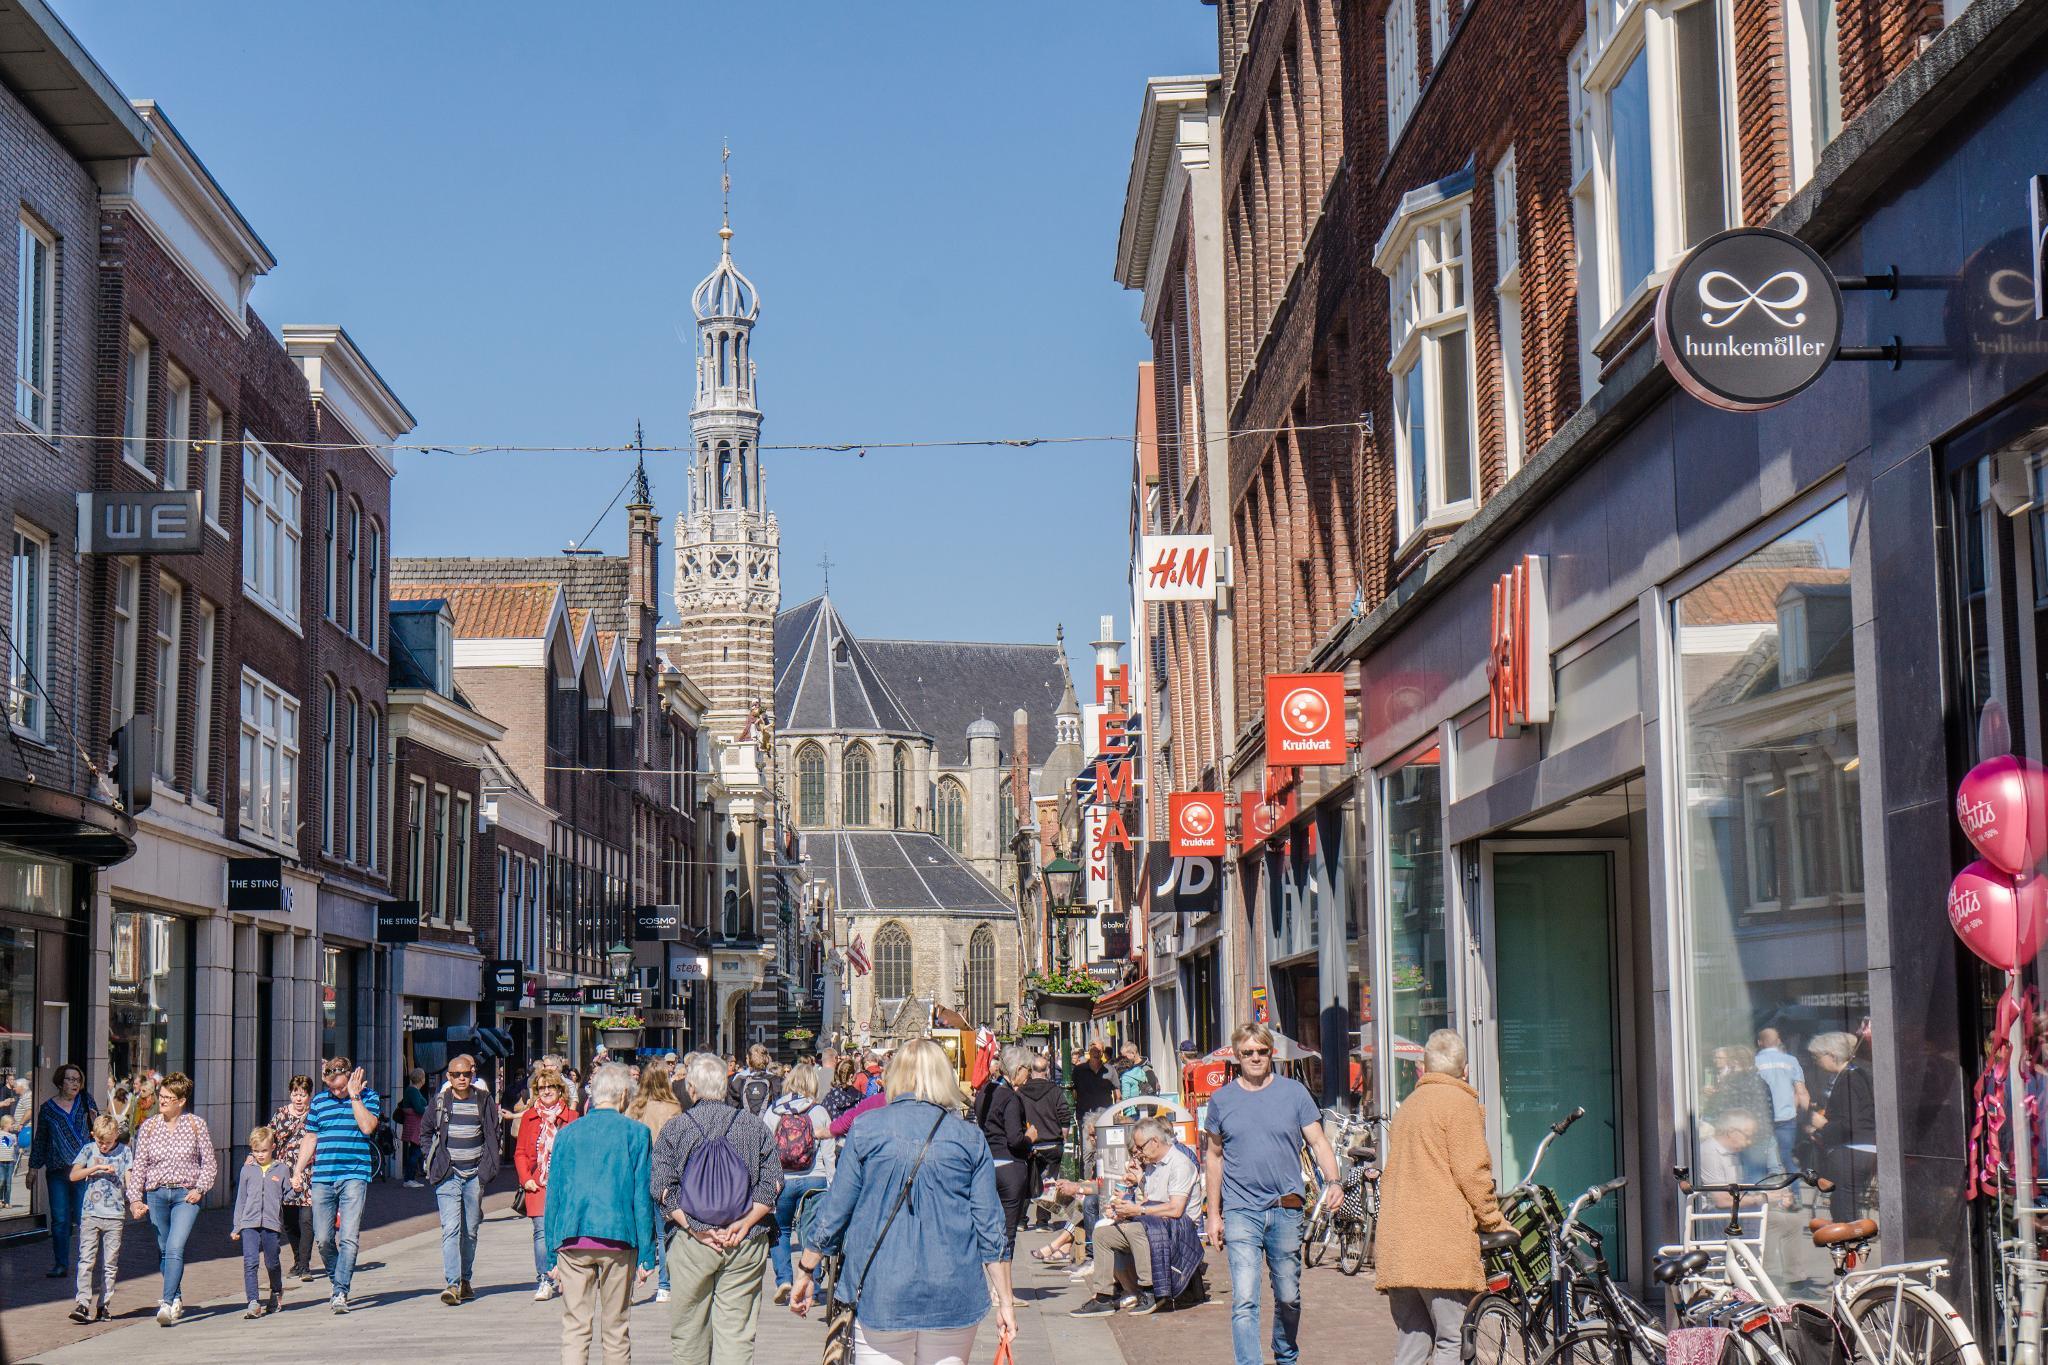 【荷蘭印象】體驗道地的荷式風情 — Alkmaar 起司市集 散步路線整理 14